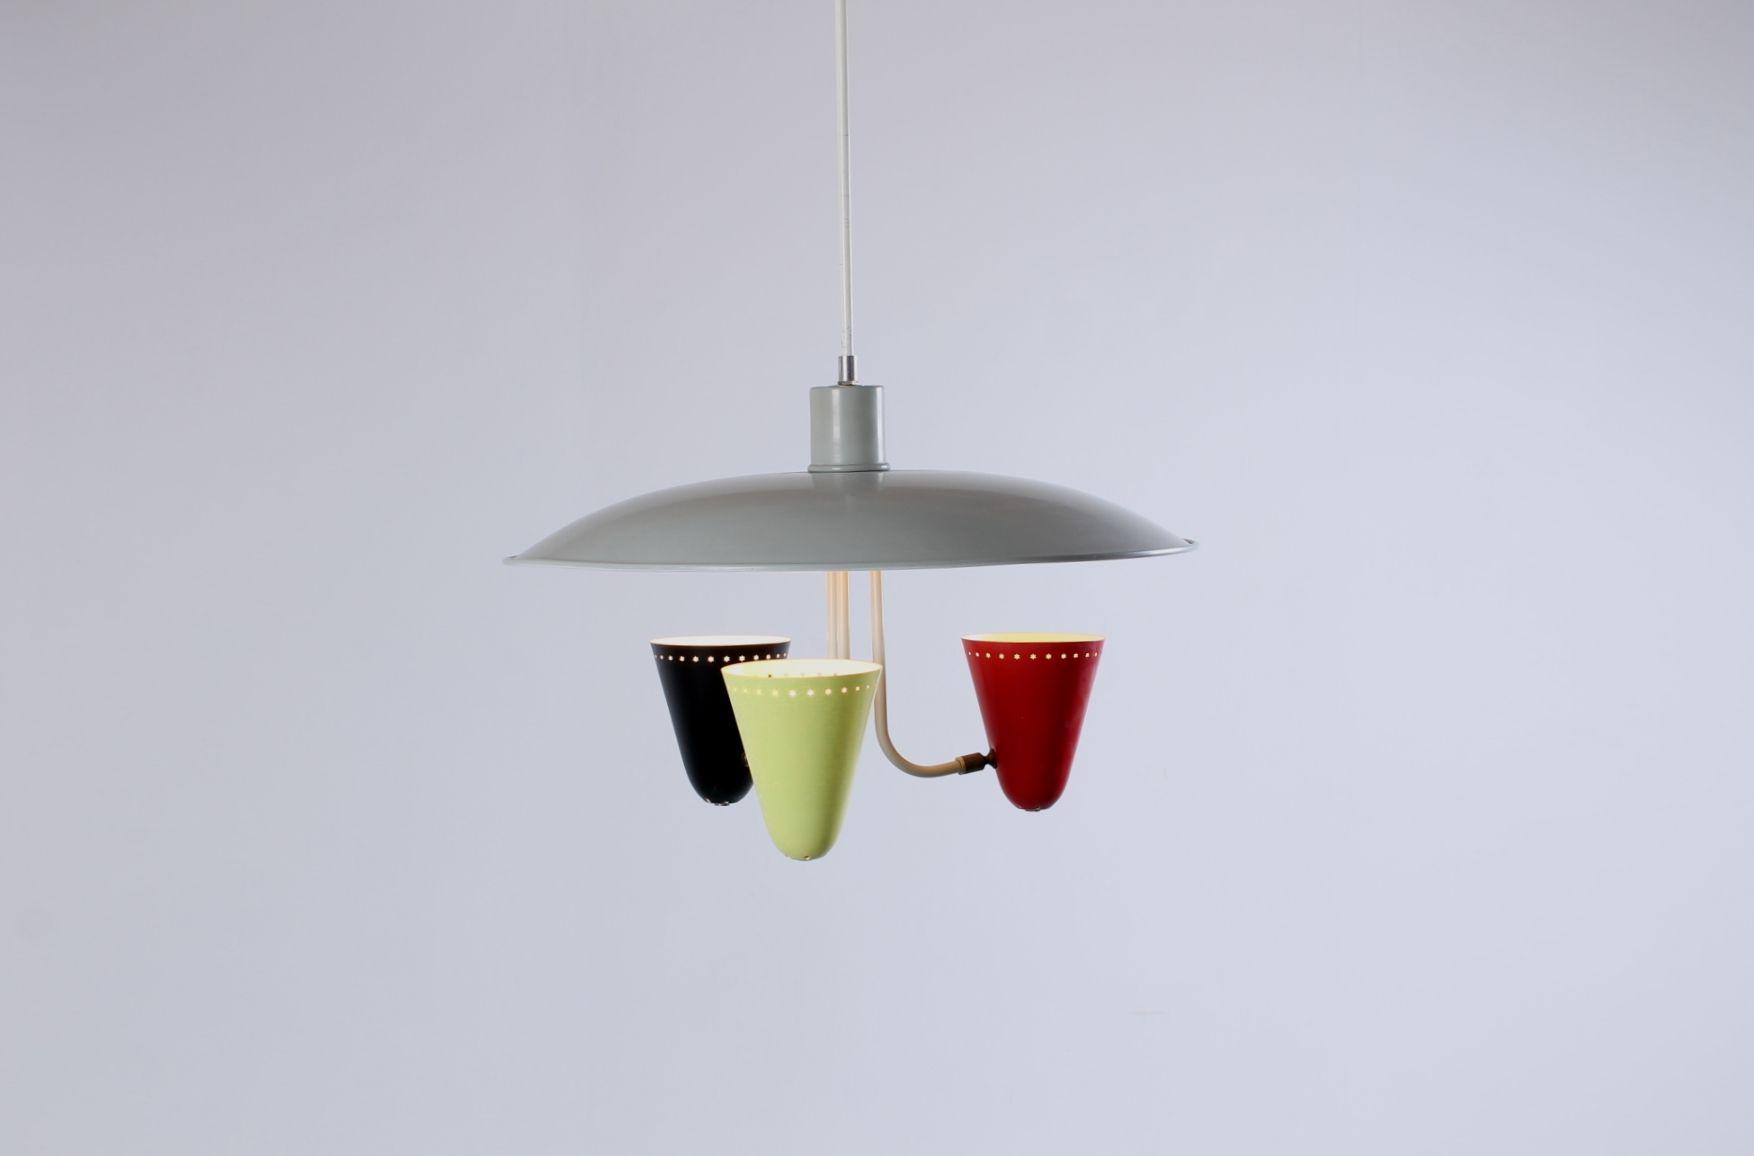 h ngelampe mit drei bunten lampenschirmen von h busquet f r hala bei pamono kaufen. Black Bedroom Furniture Sets. Home Design Ideas